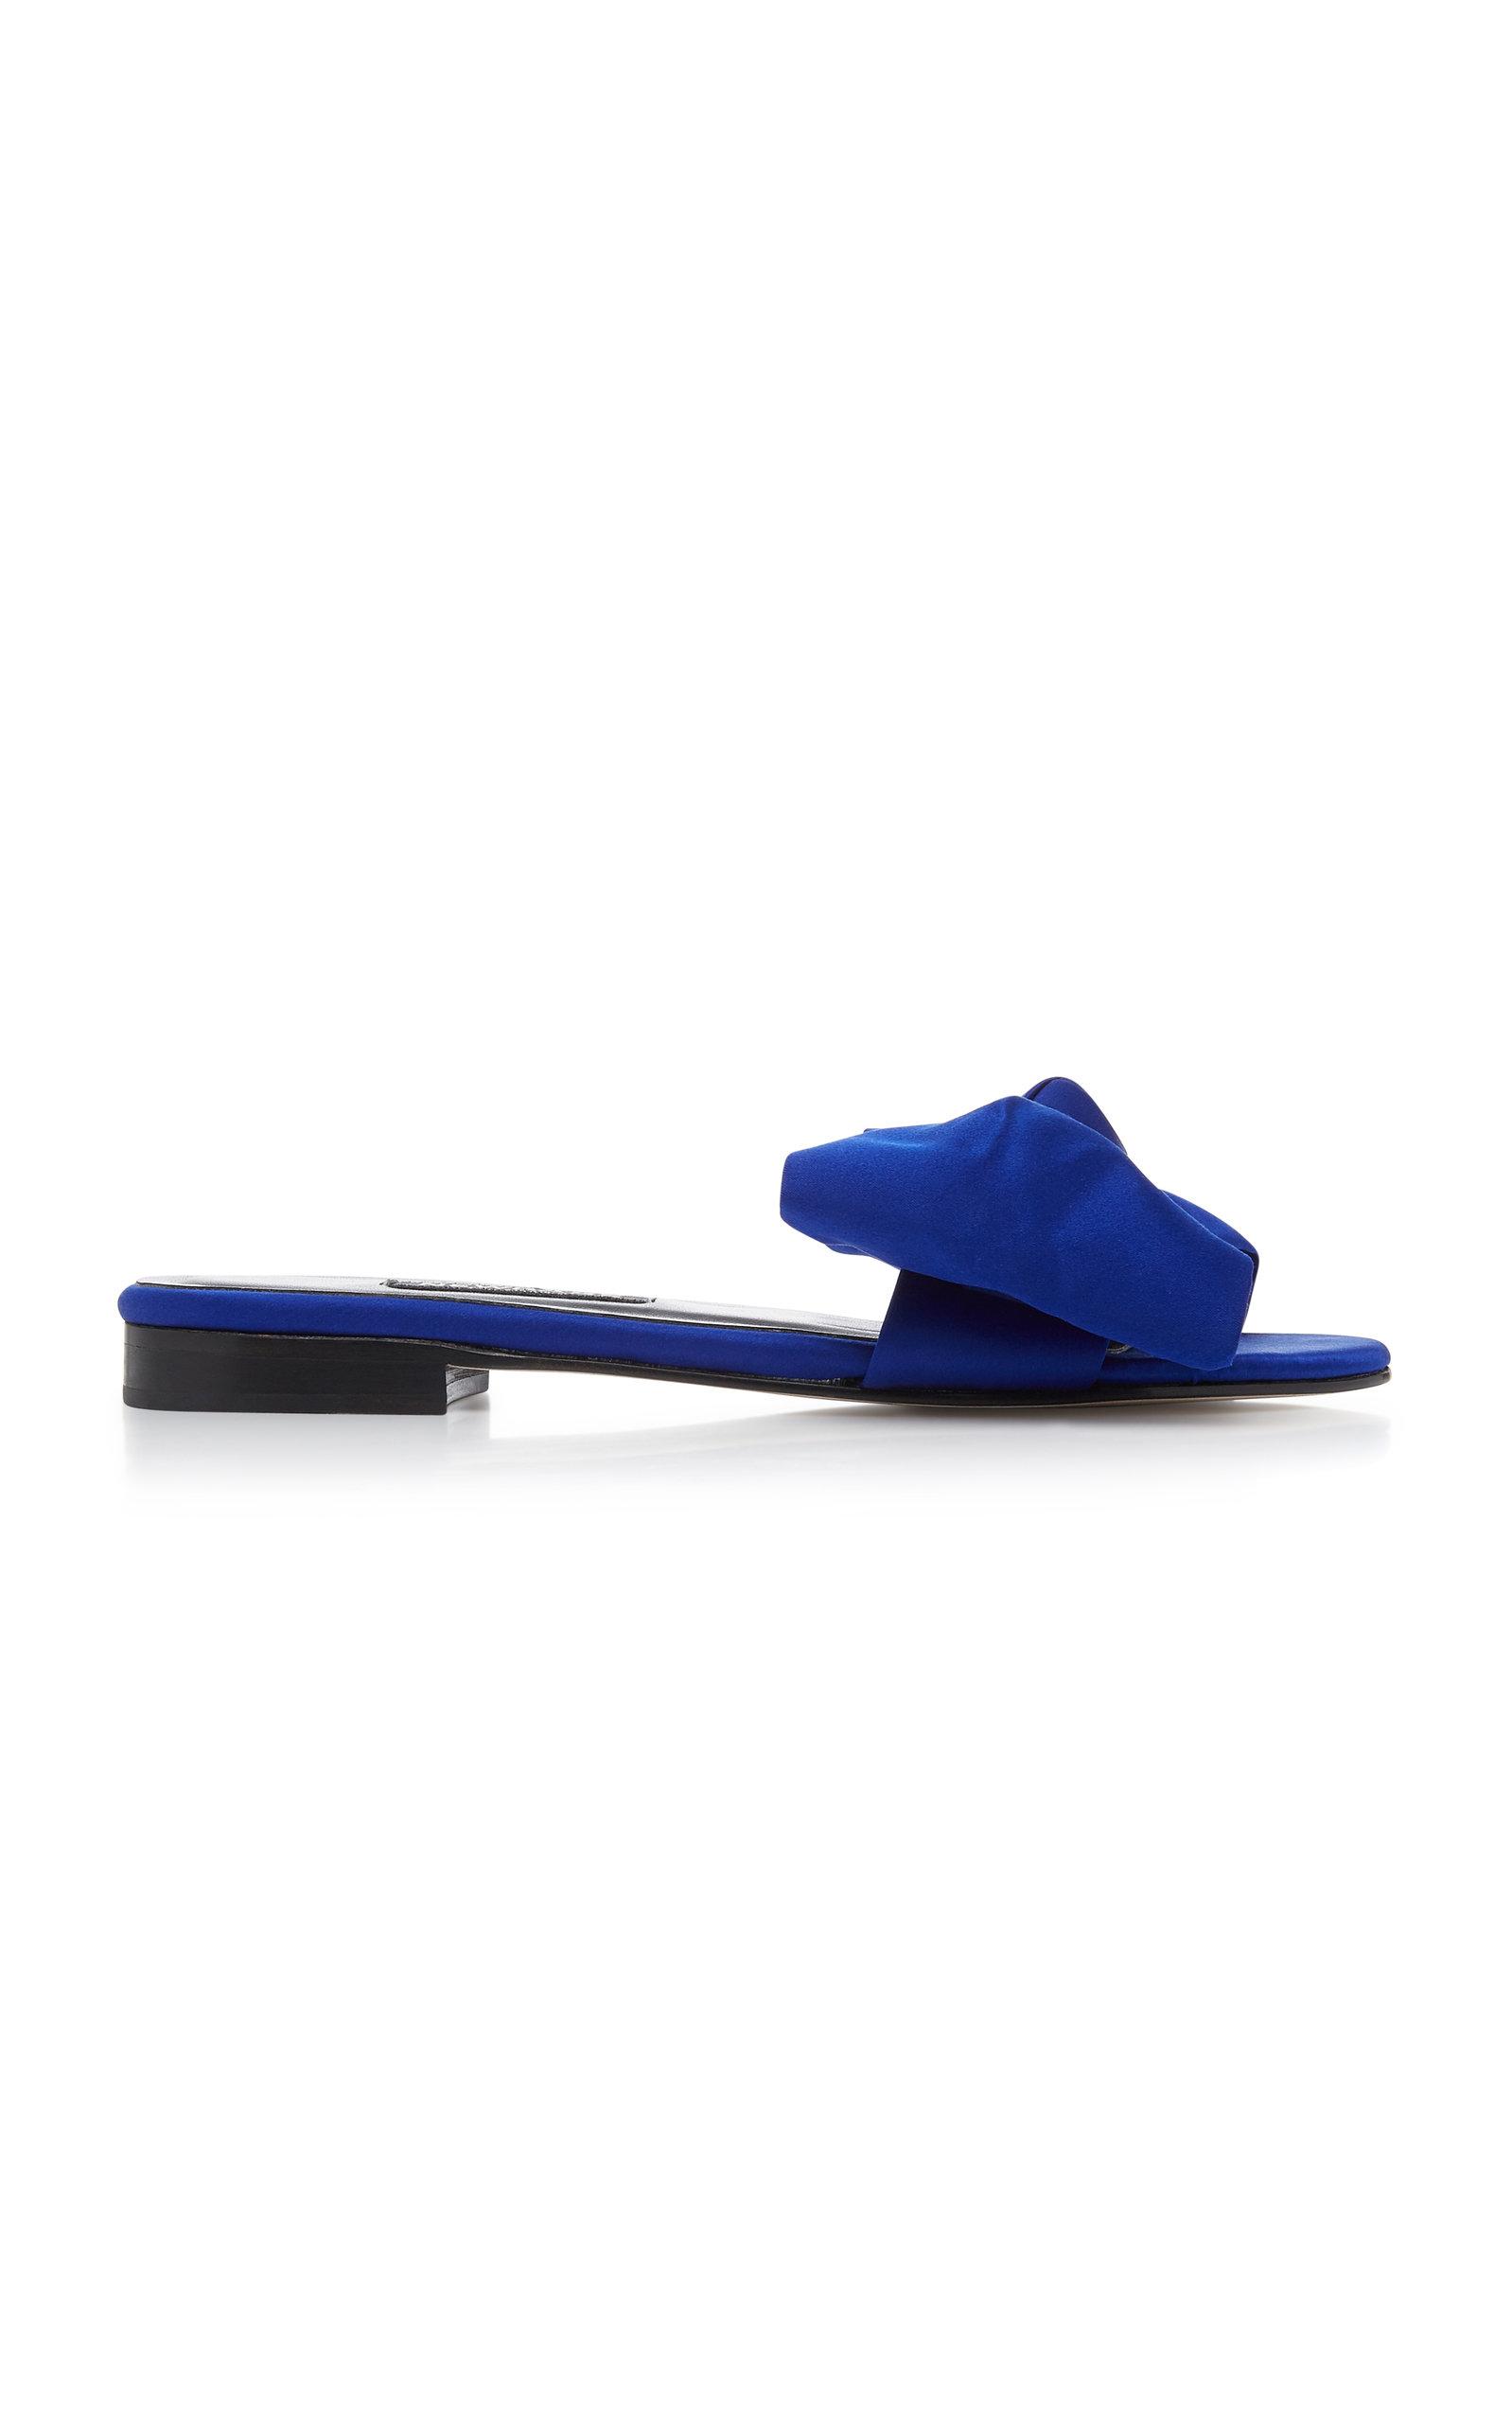 NEWBARK Eva Sandal in Blue